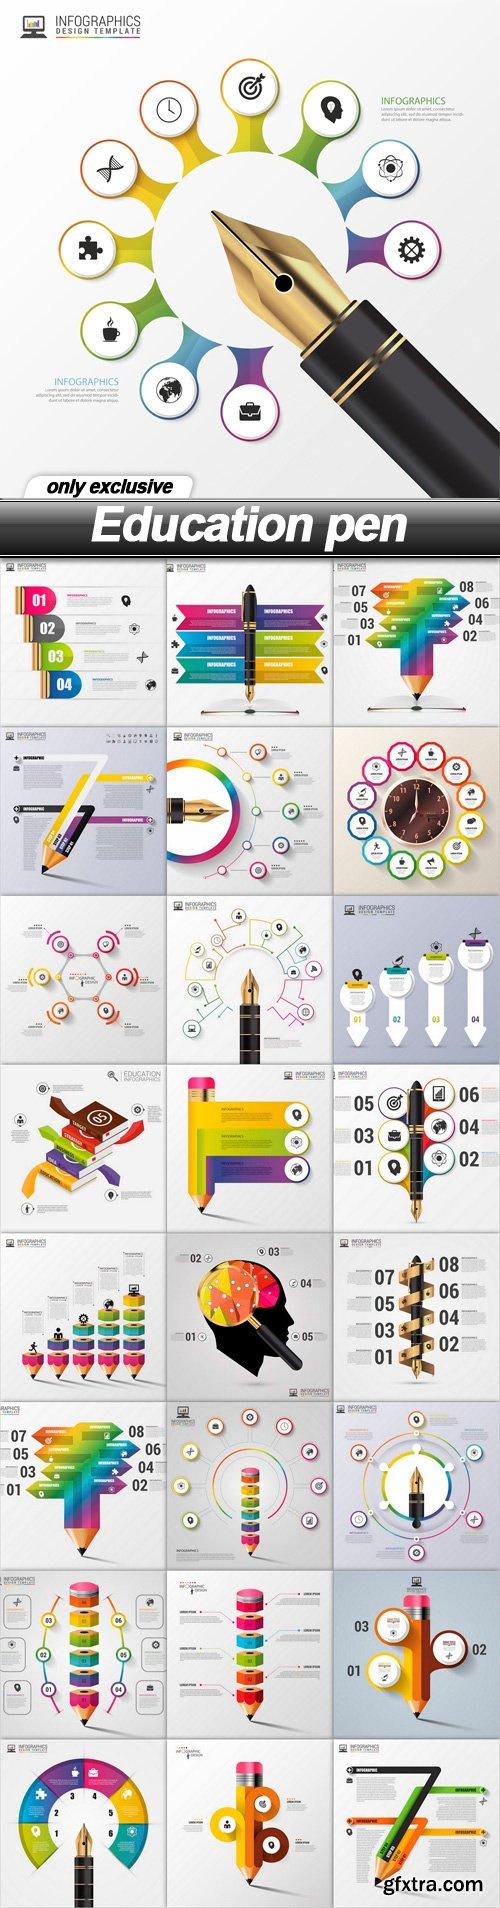 Education pen - 25 EPS